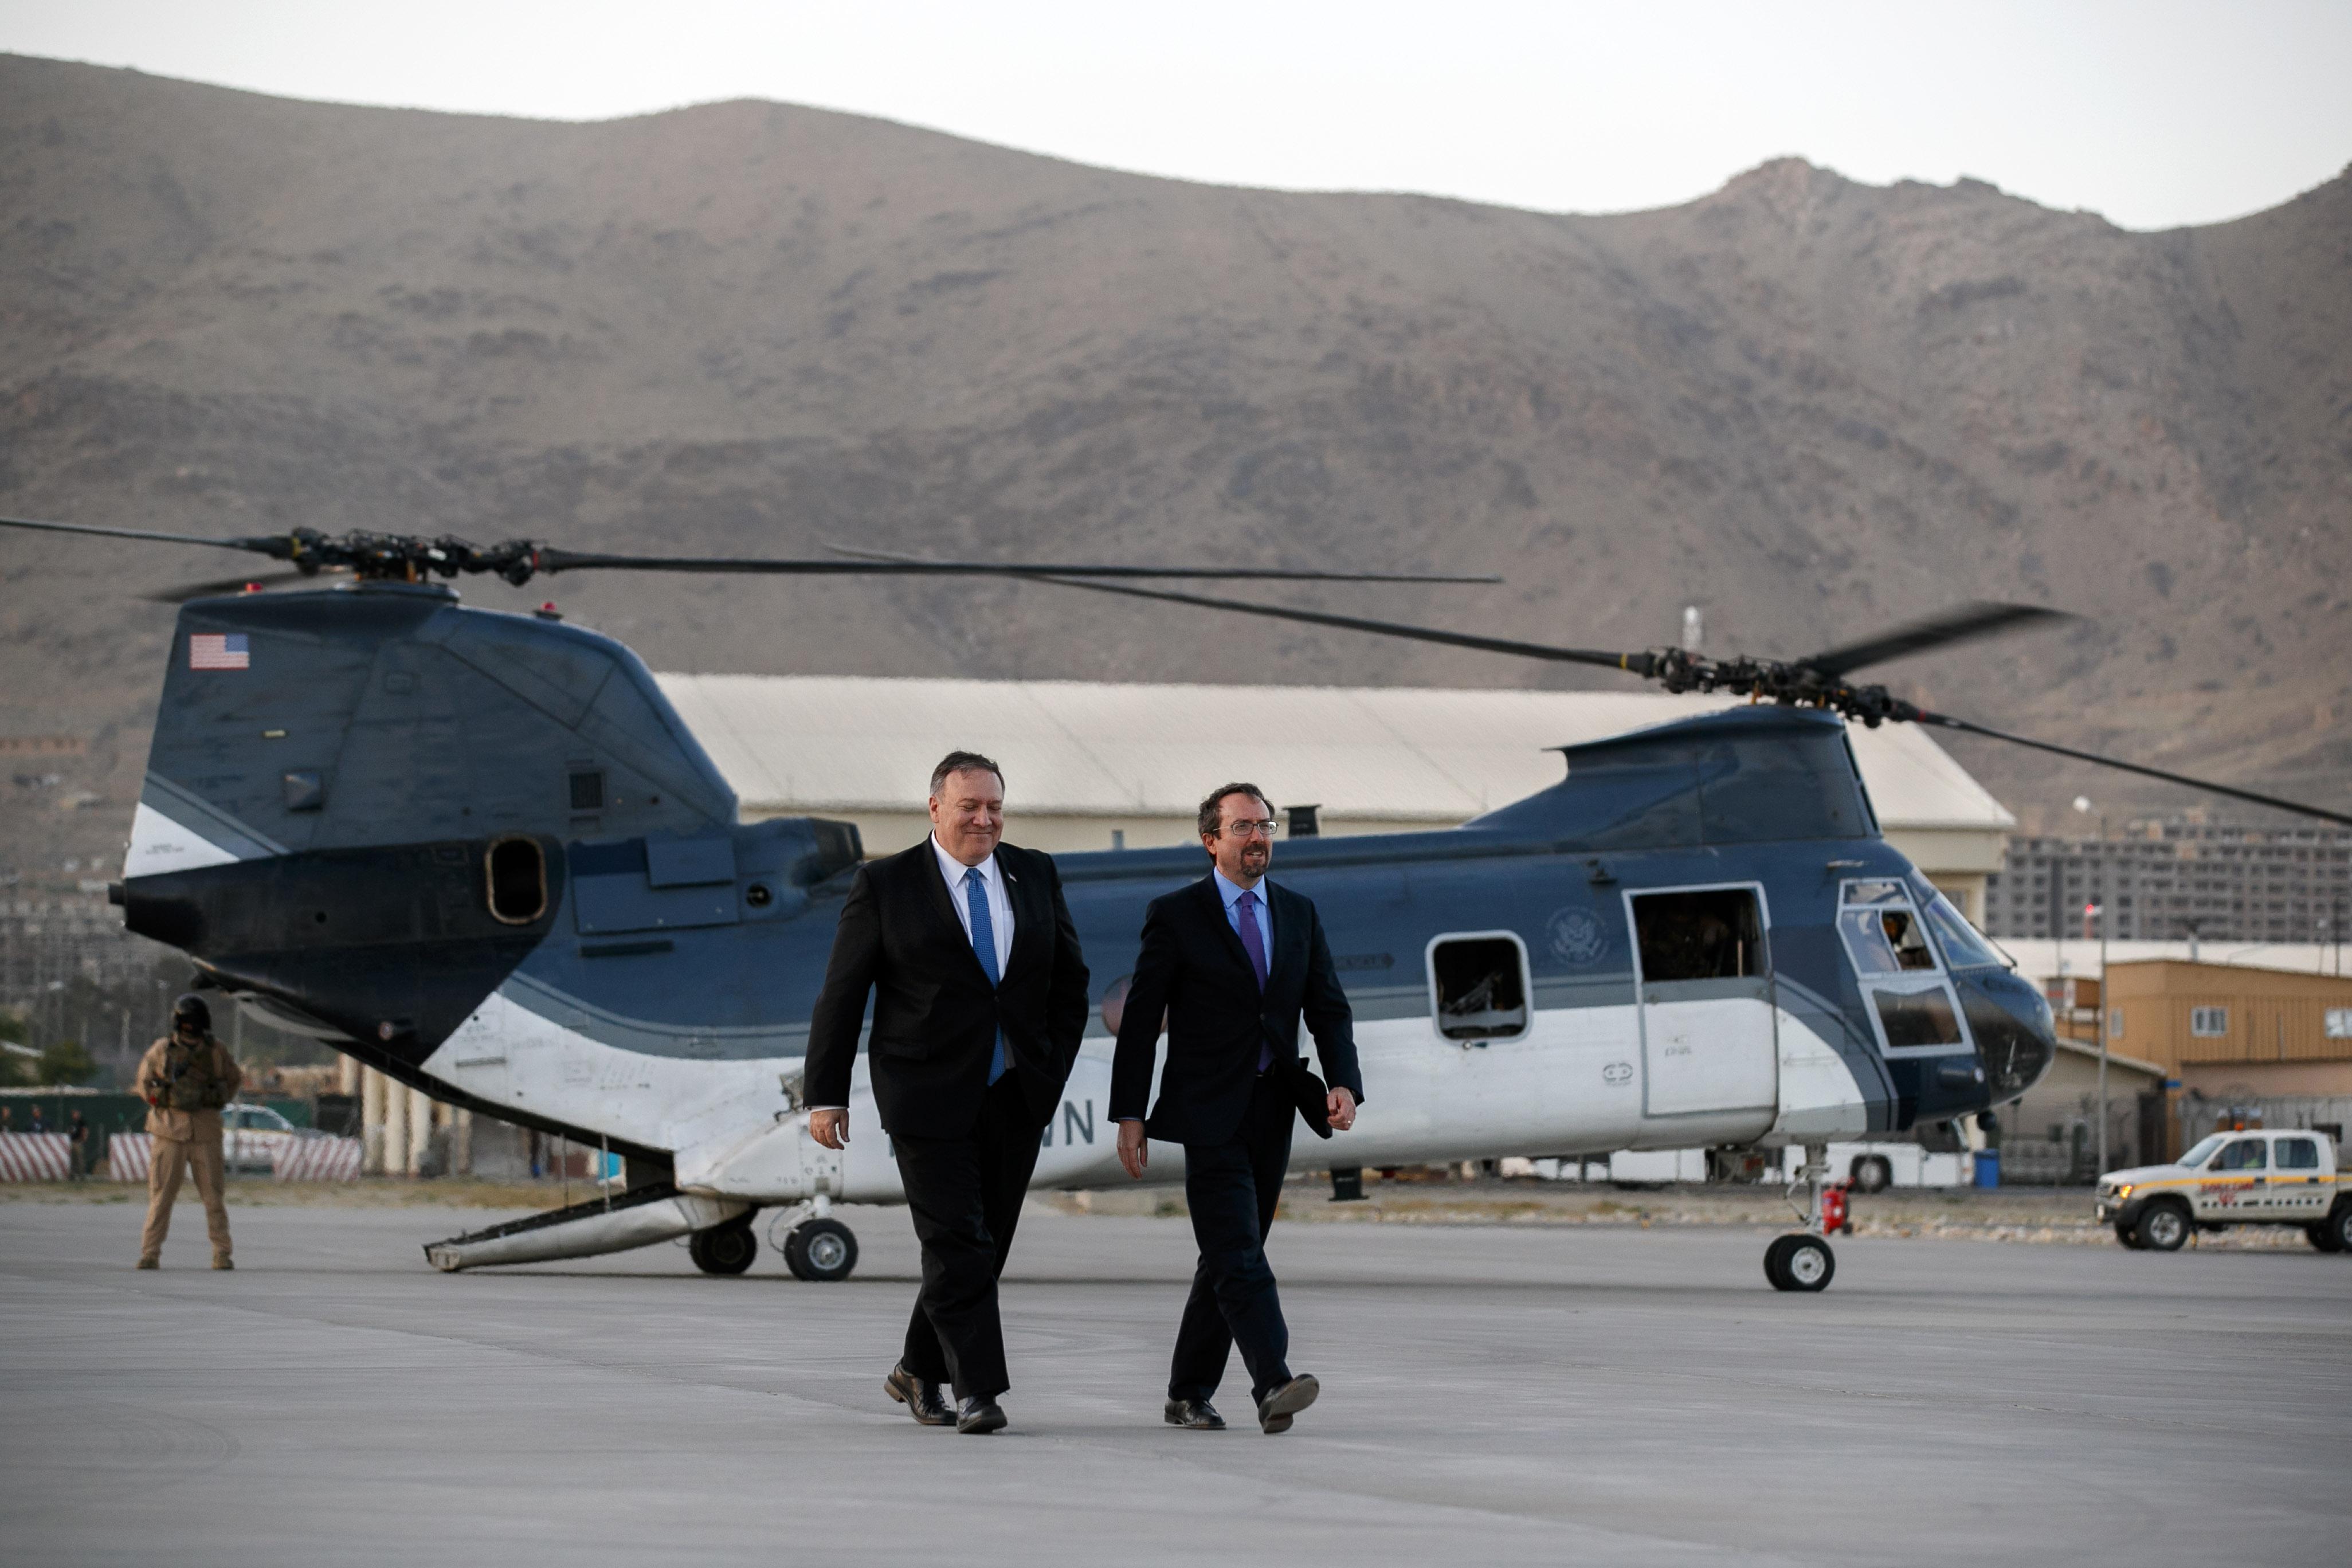 US ambassador leaves Kabul, ends 2-year Afghan tenure